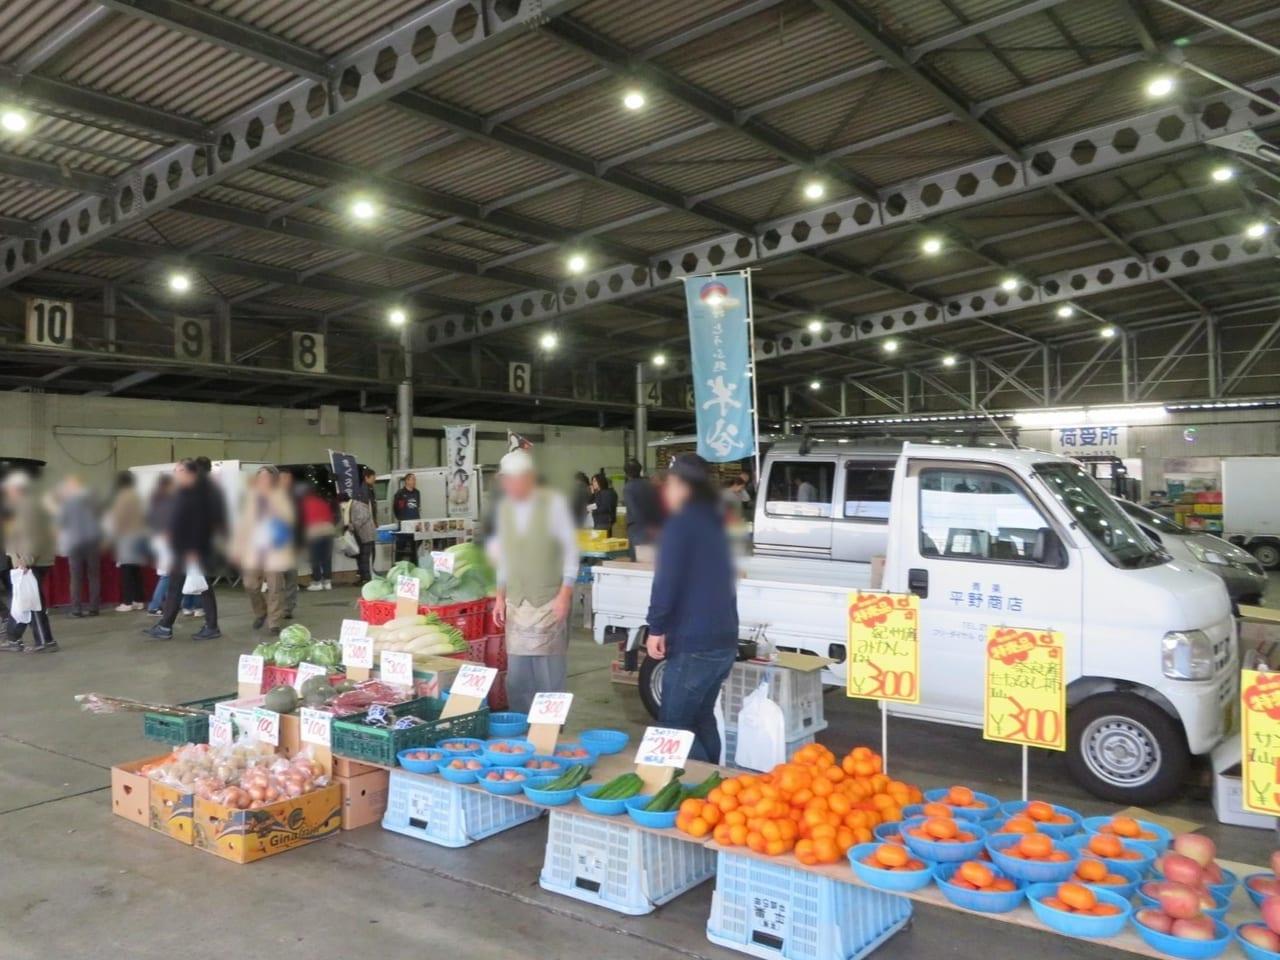 今年最初の湘南ひらつかふれあいマーケットが1月24日(日)に開催されます!ゲスト出店は「湘南ヤーコン応援団」と焼き豚、カツサンドを販売する「肉の虎屋」